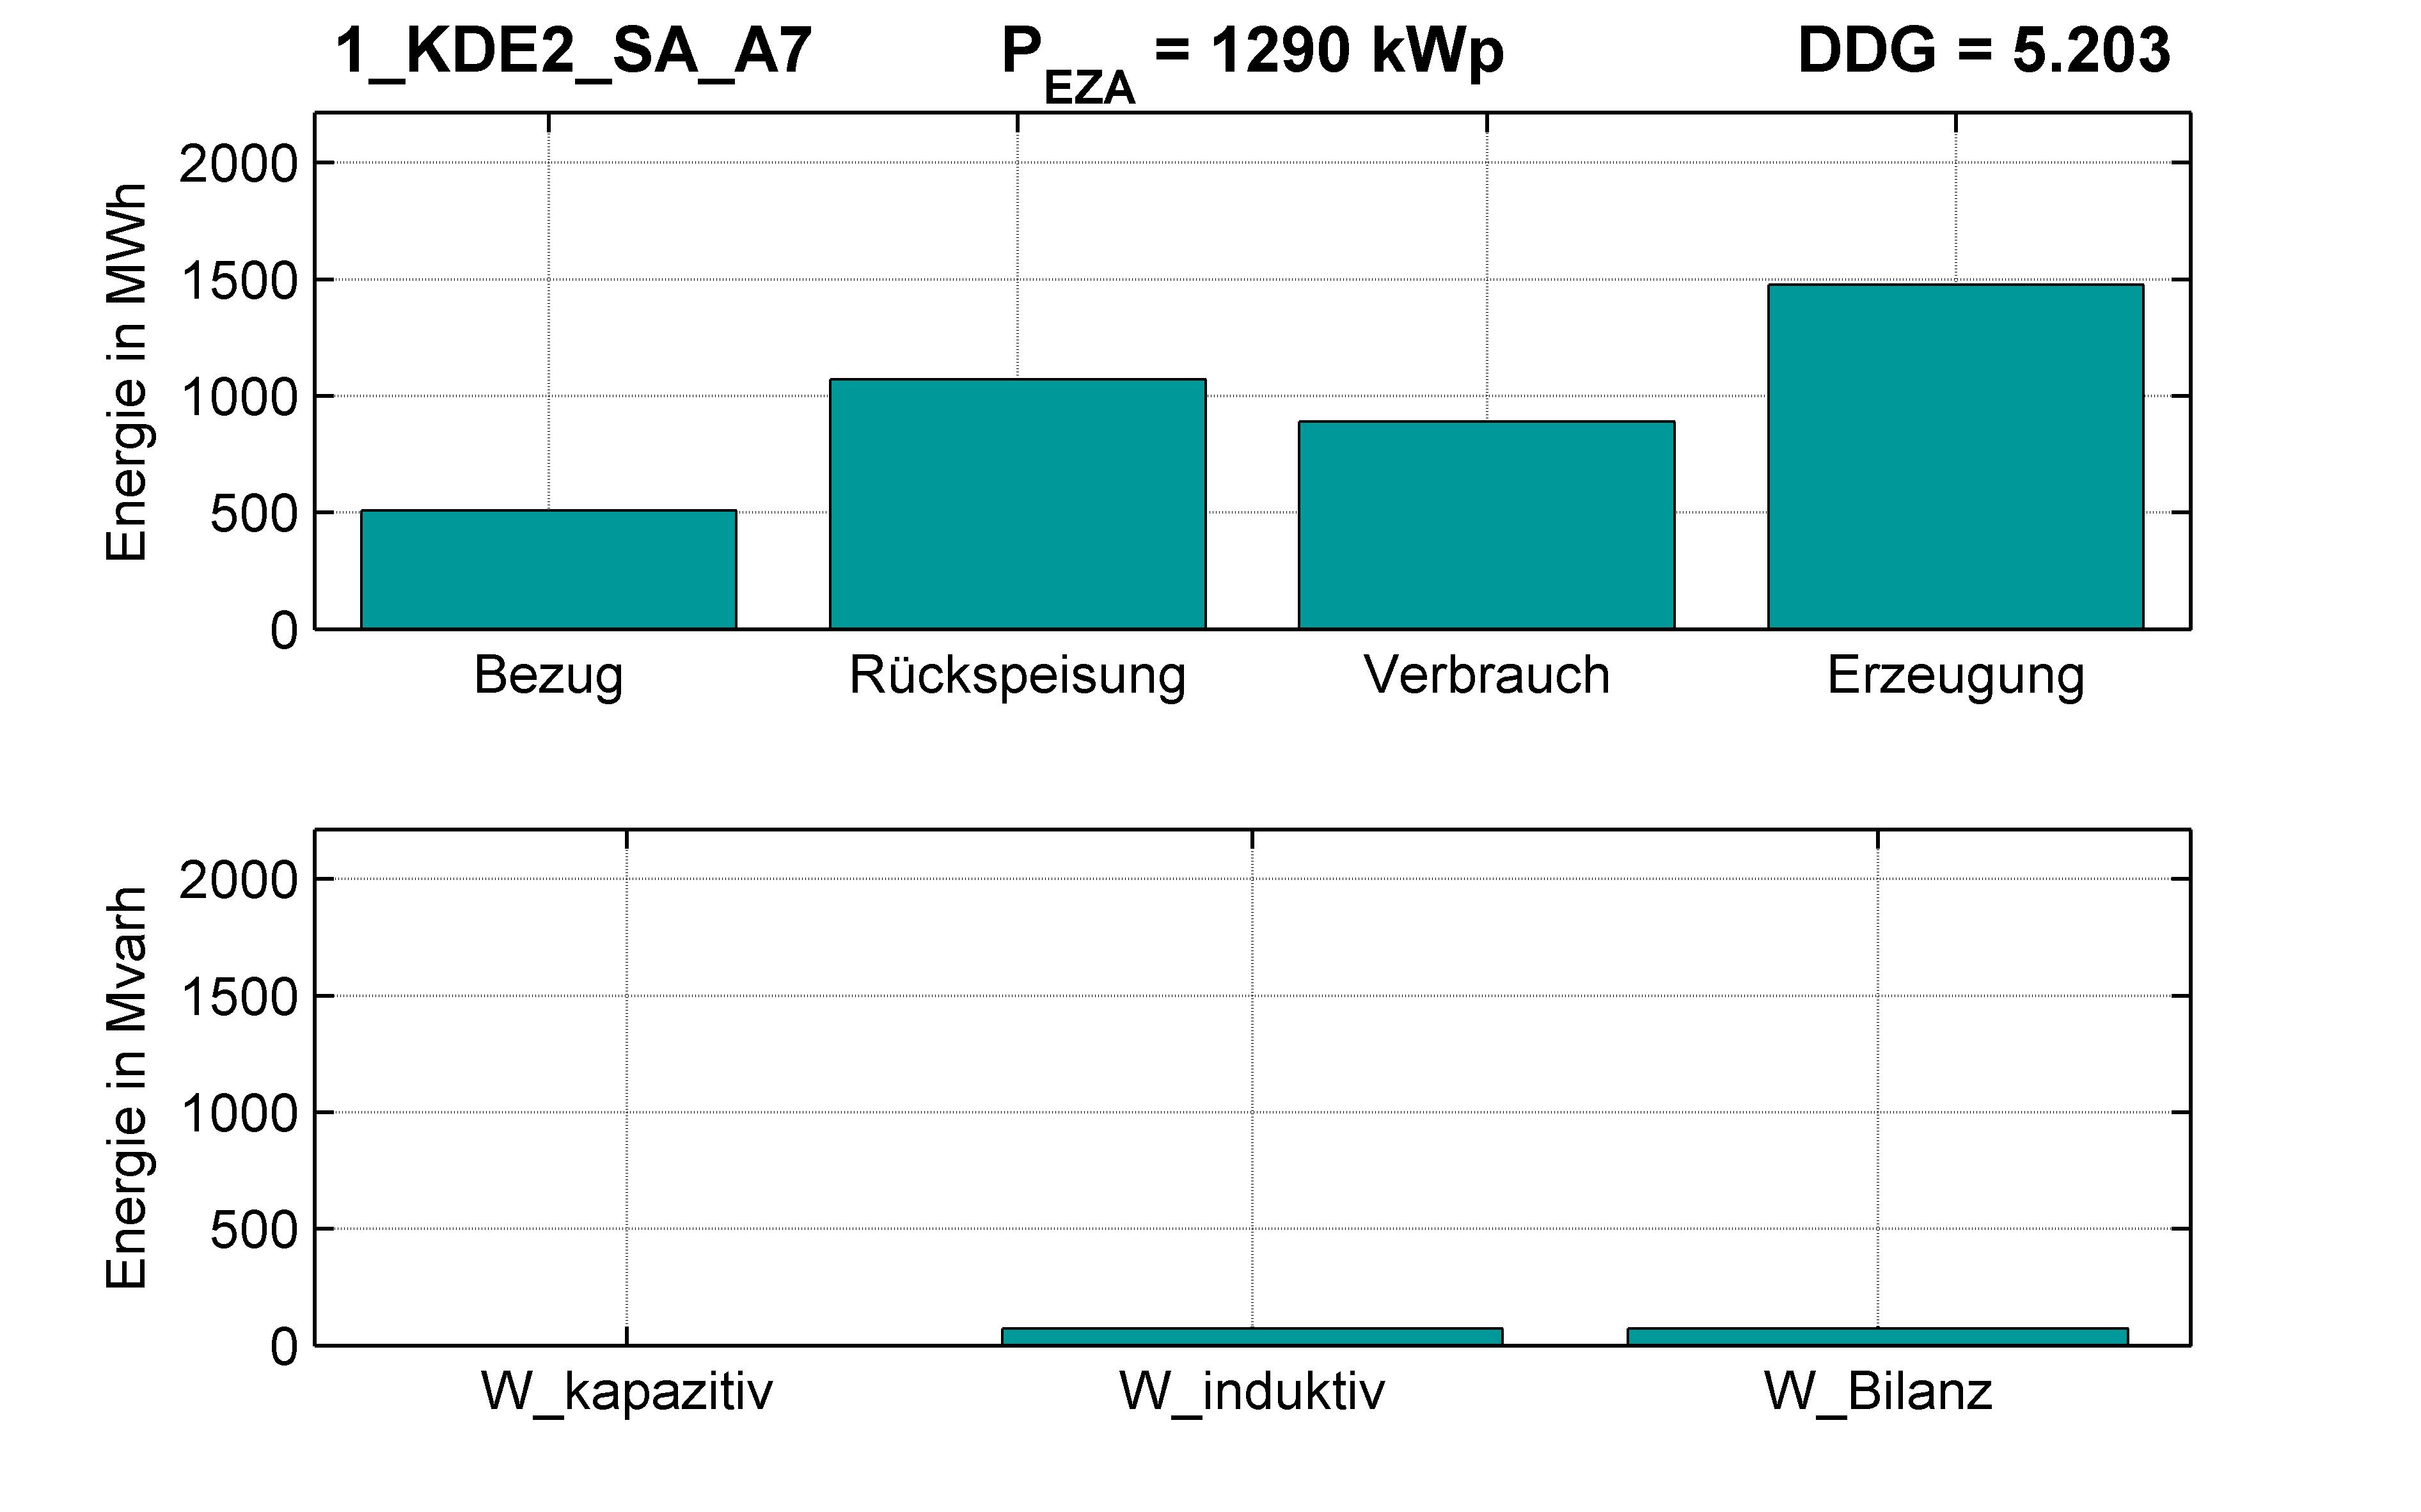 KDE2 | KABEL (SA) A7 | PQ-Bilanz